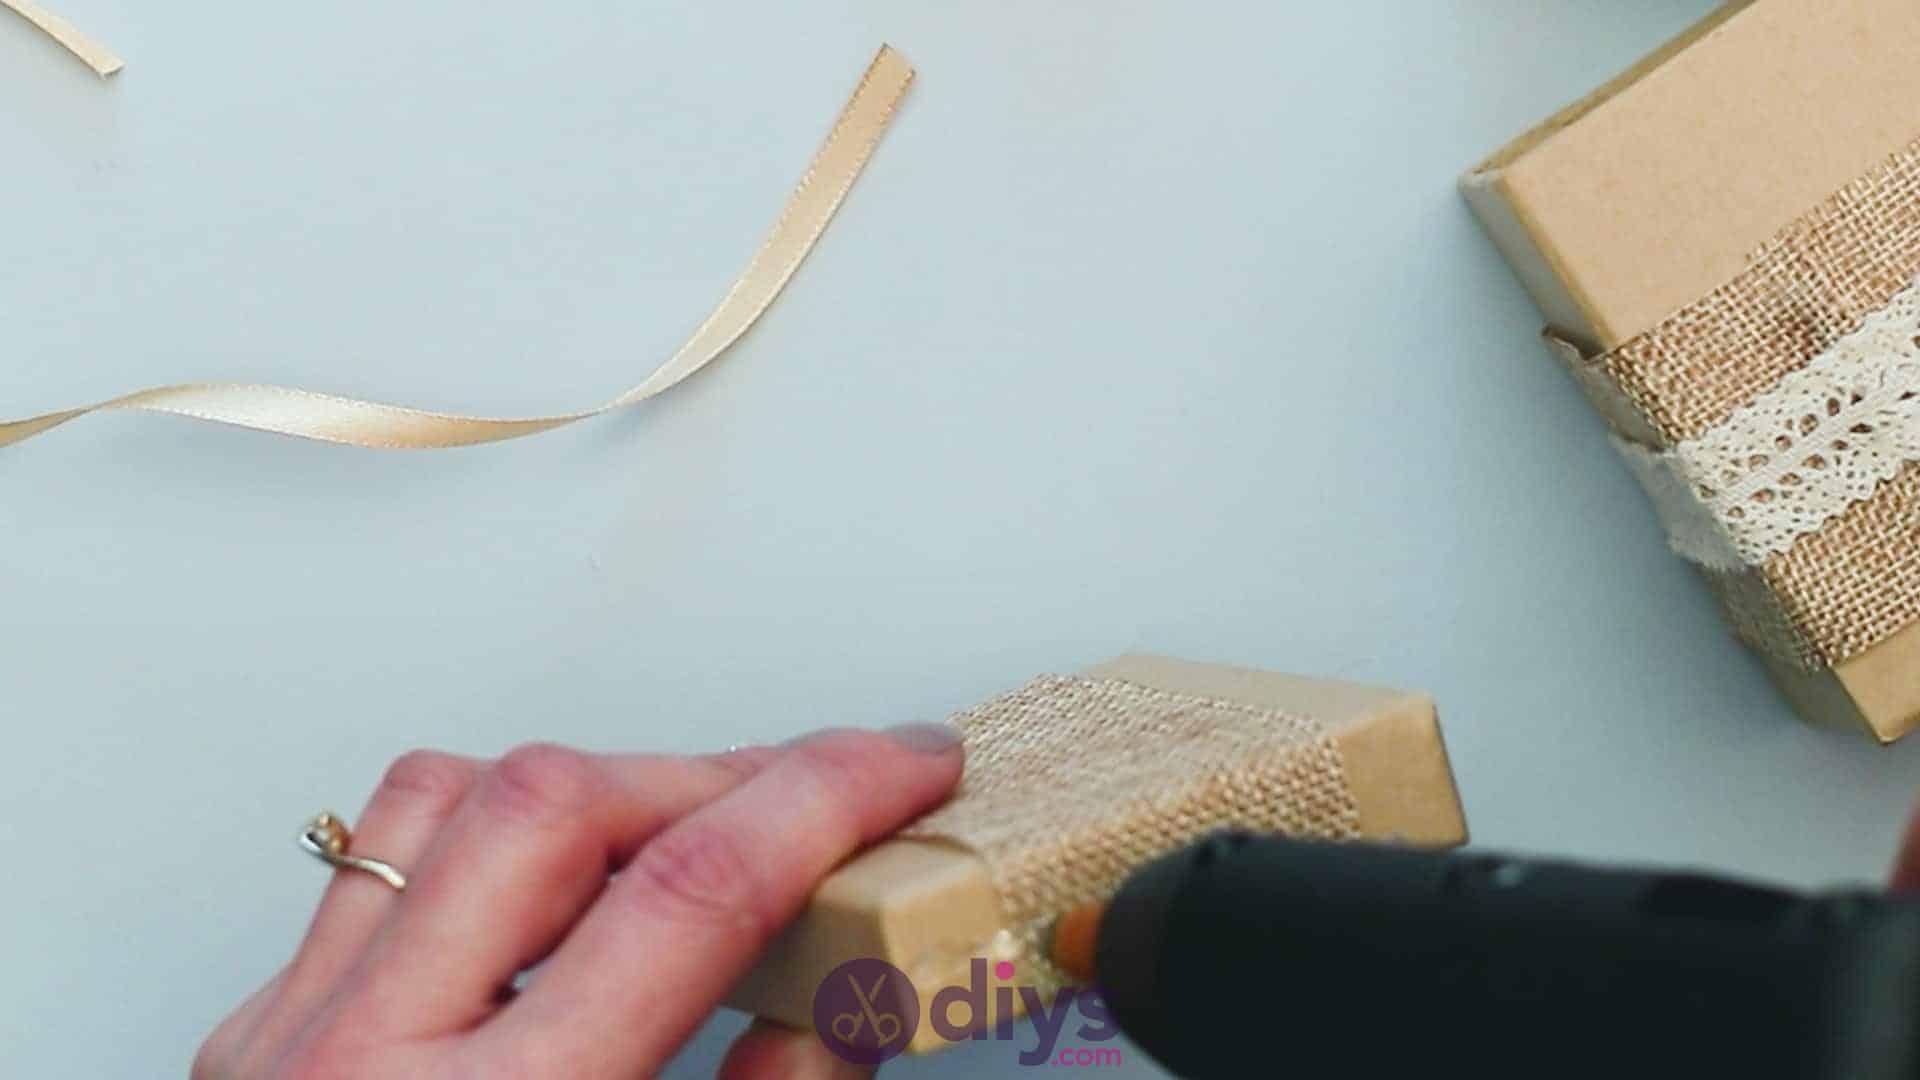 Diy jute gift box step 5